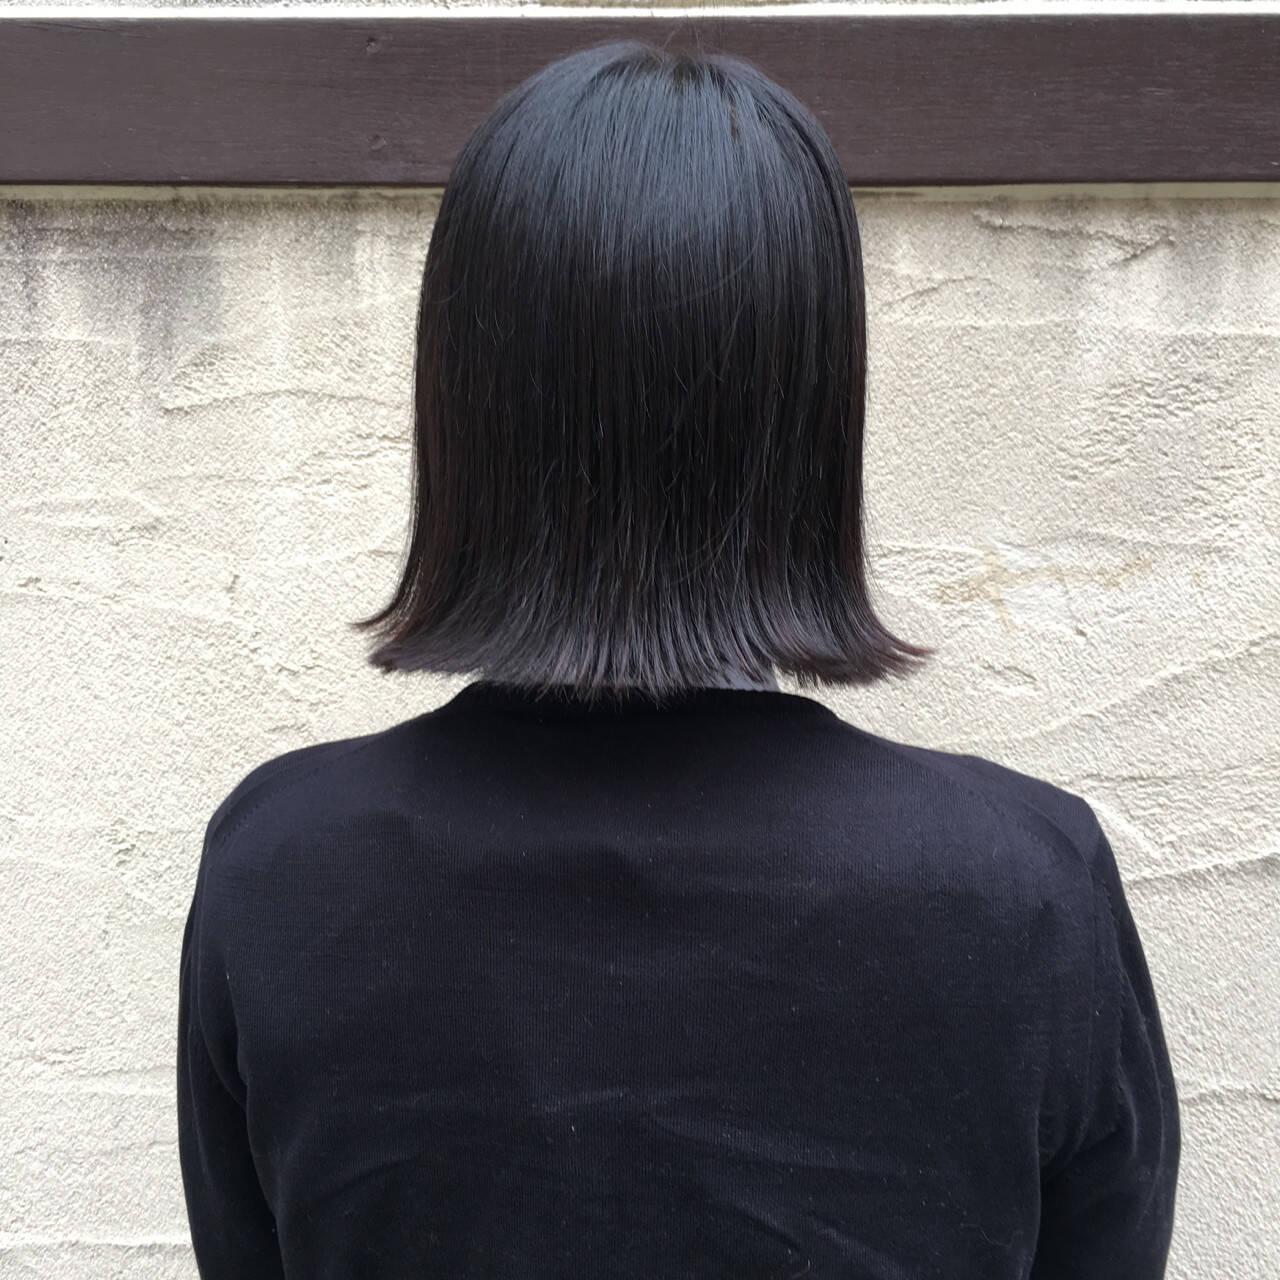 アッシュ ナチュラル こなれ感 色気ヘアスタイルや髪型の写真・画像